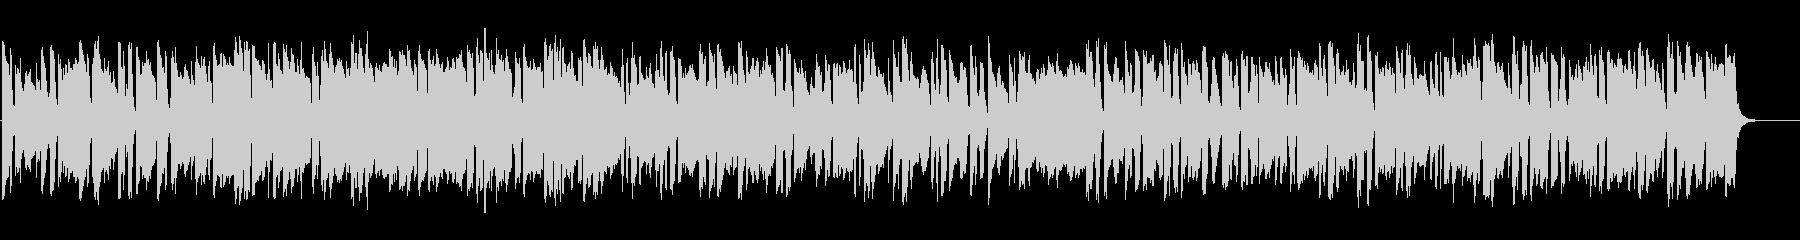 明るく元気が出るような ピアノBGMの未再生の波形